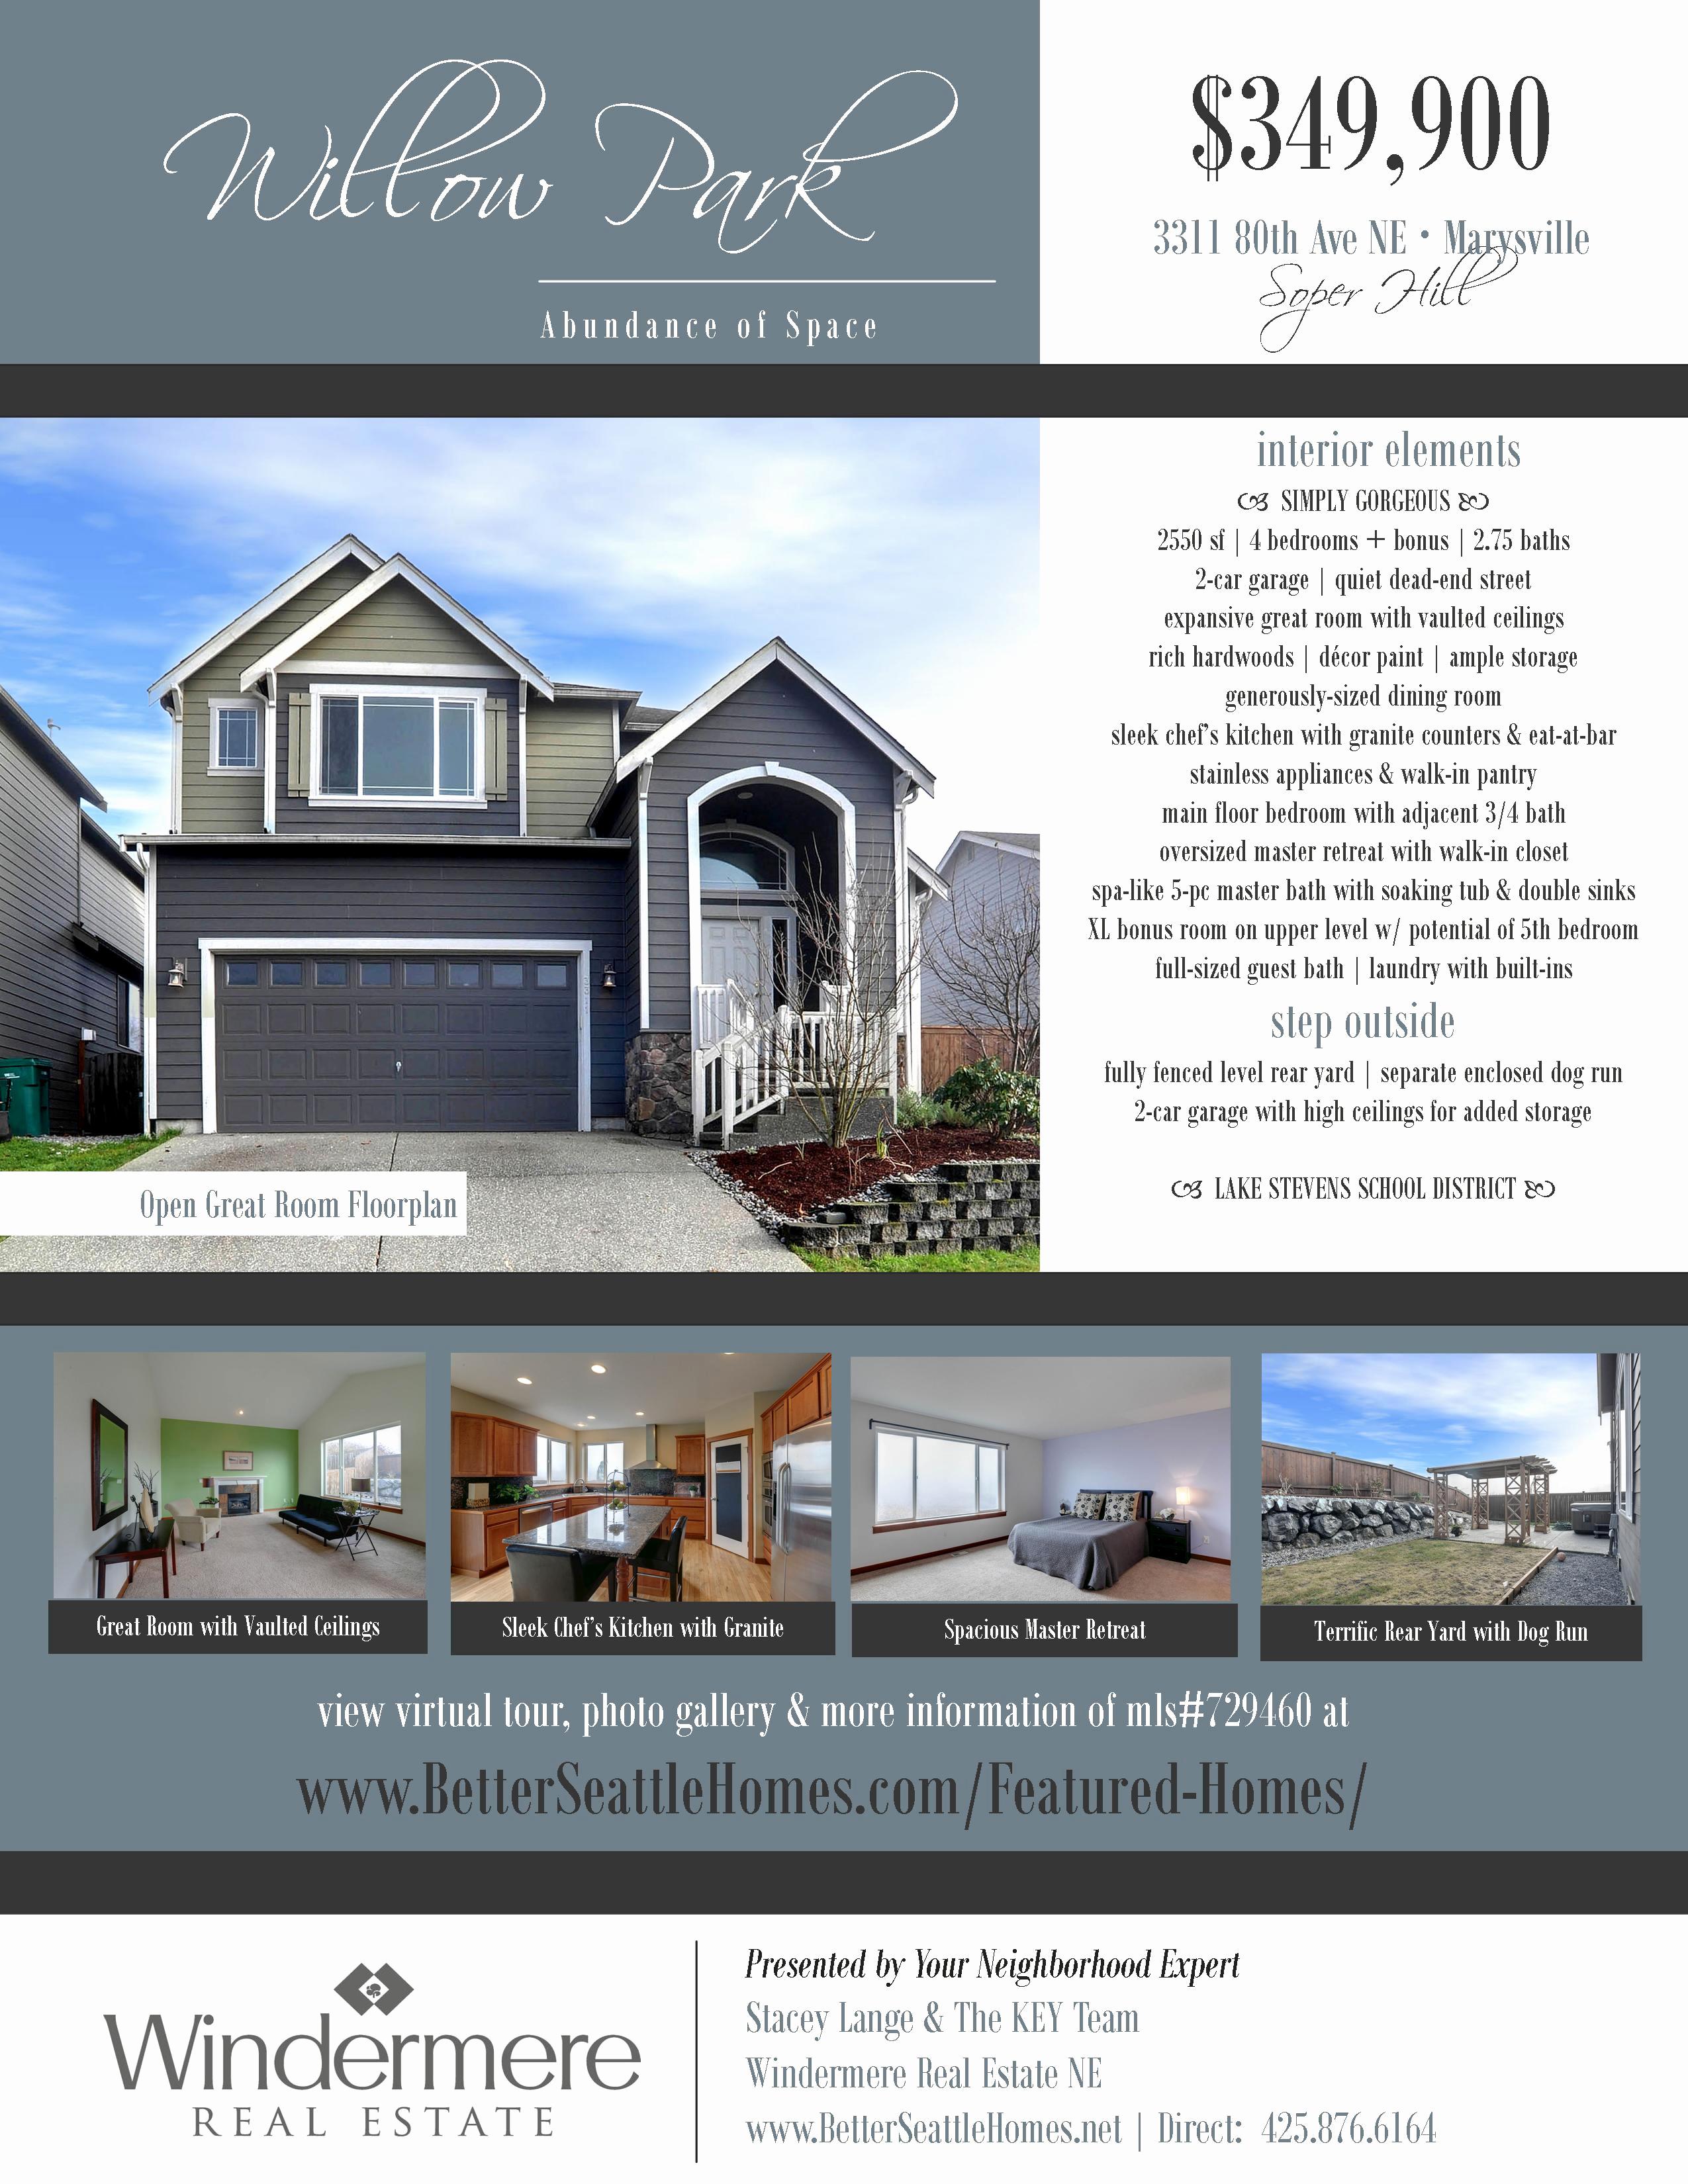 Home for Sale Flyer Elegant 13 Real Estate Flyer Templates Excel Pdf formats